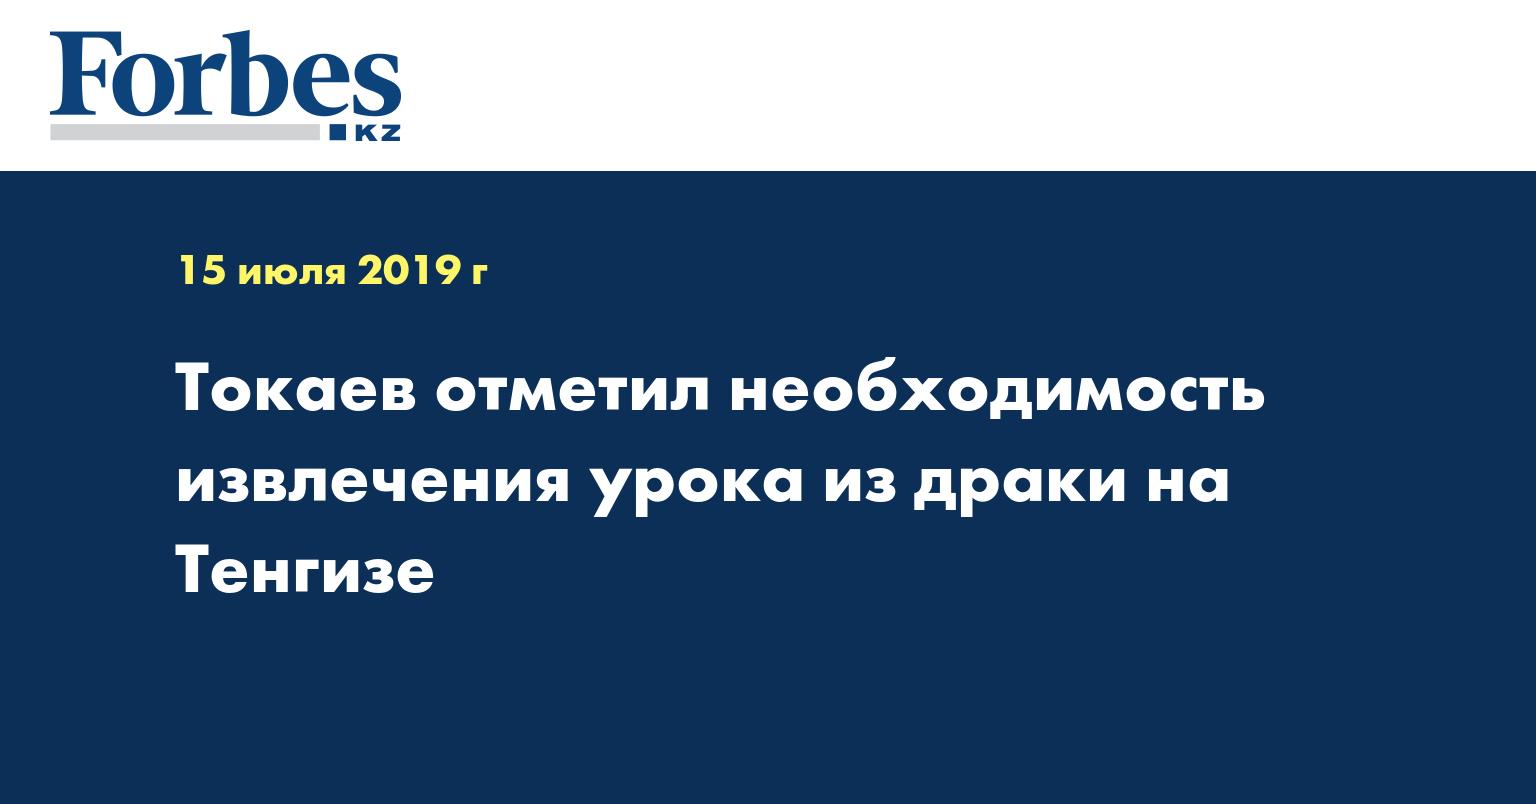 Токаев отметил необходимость извлечения урока из драки на Тенгизе